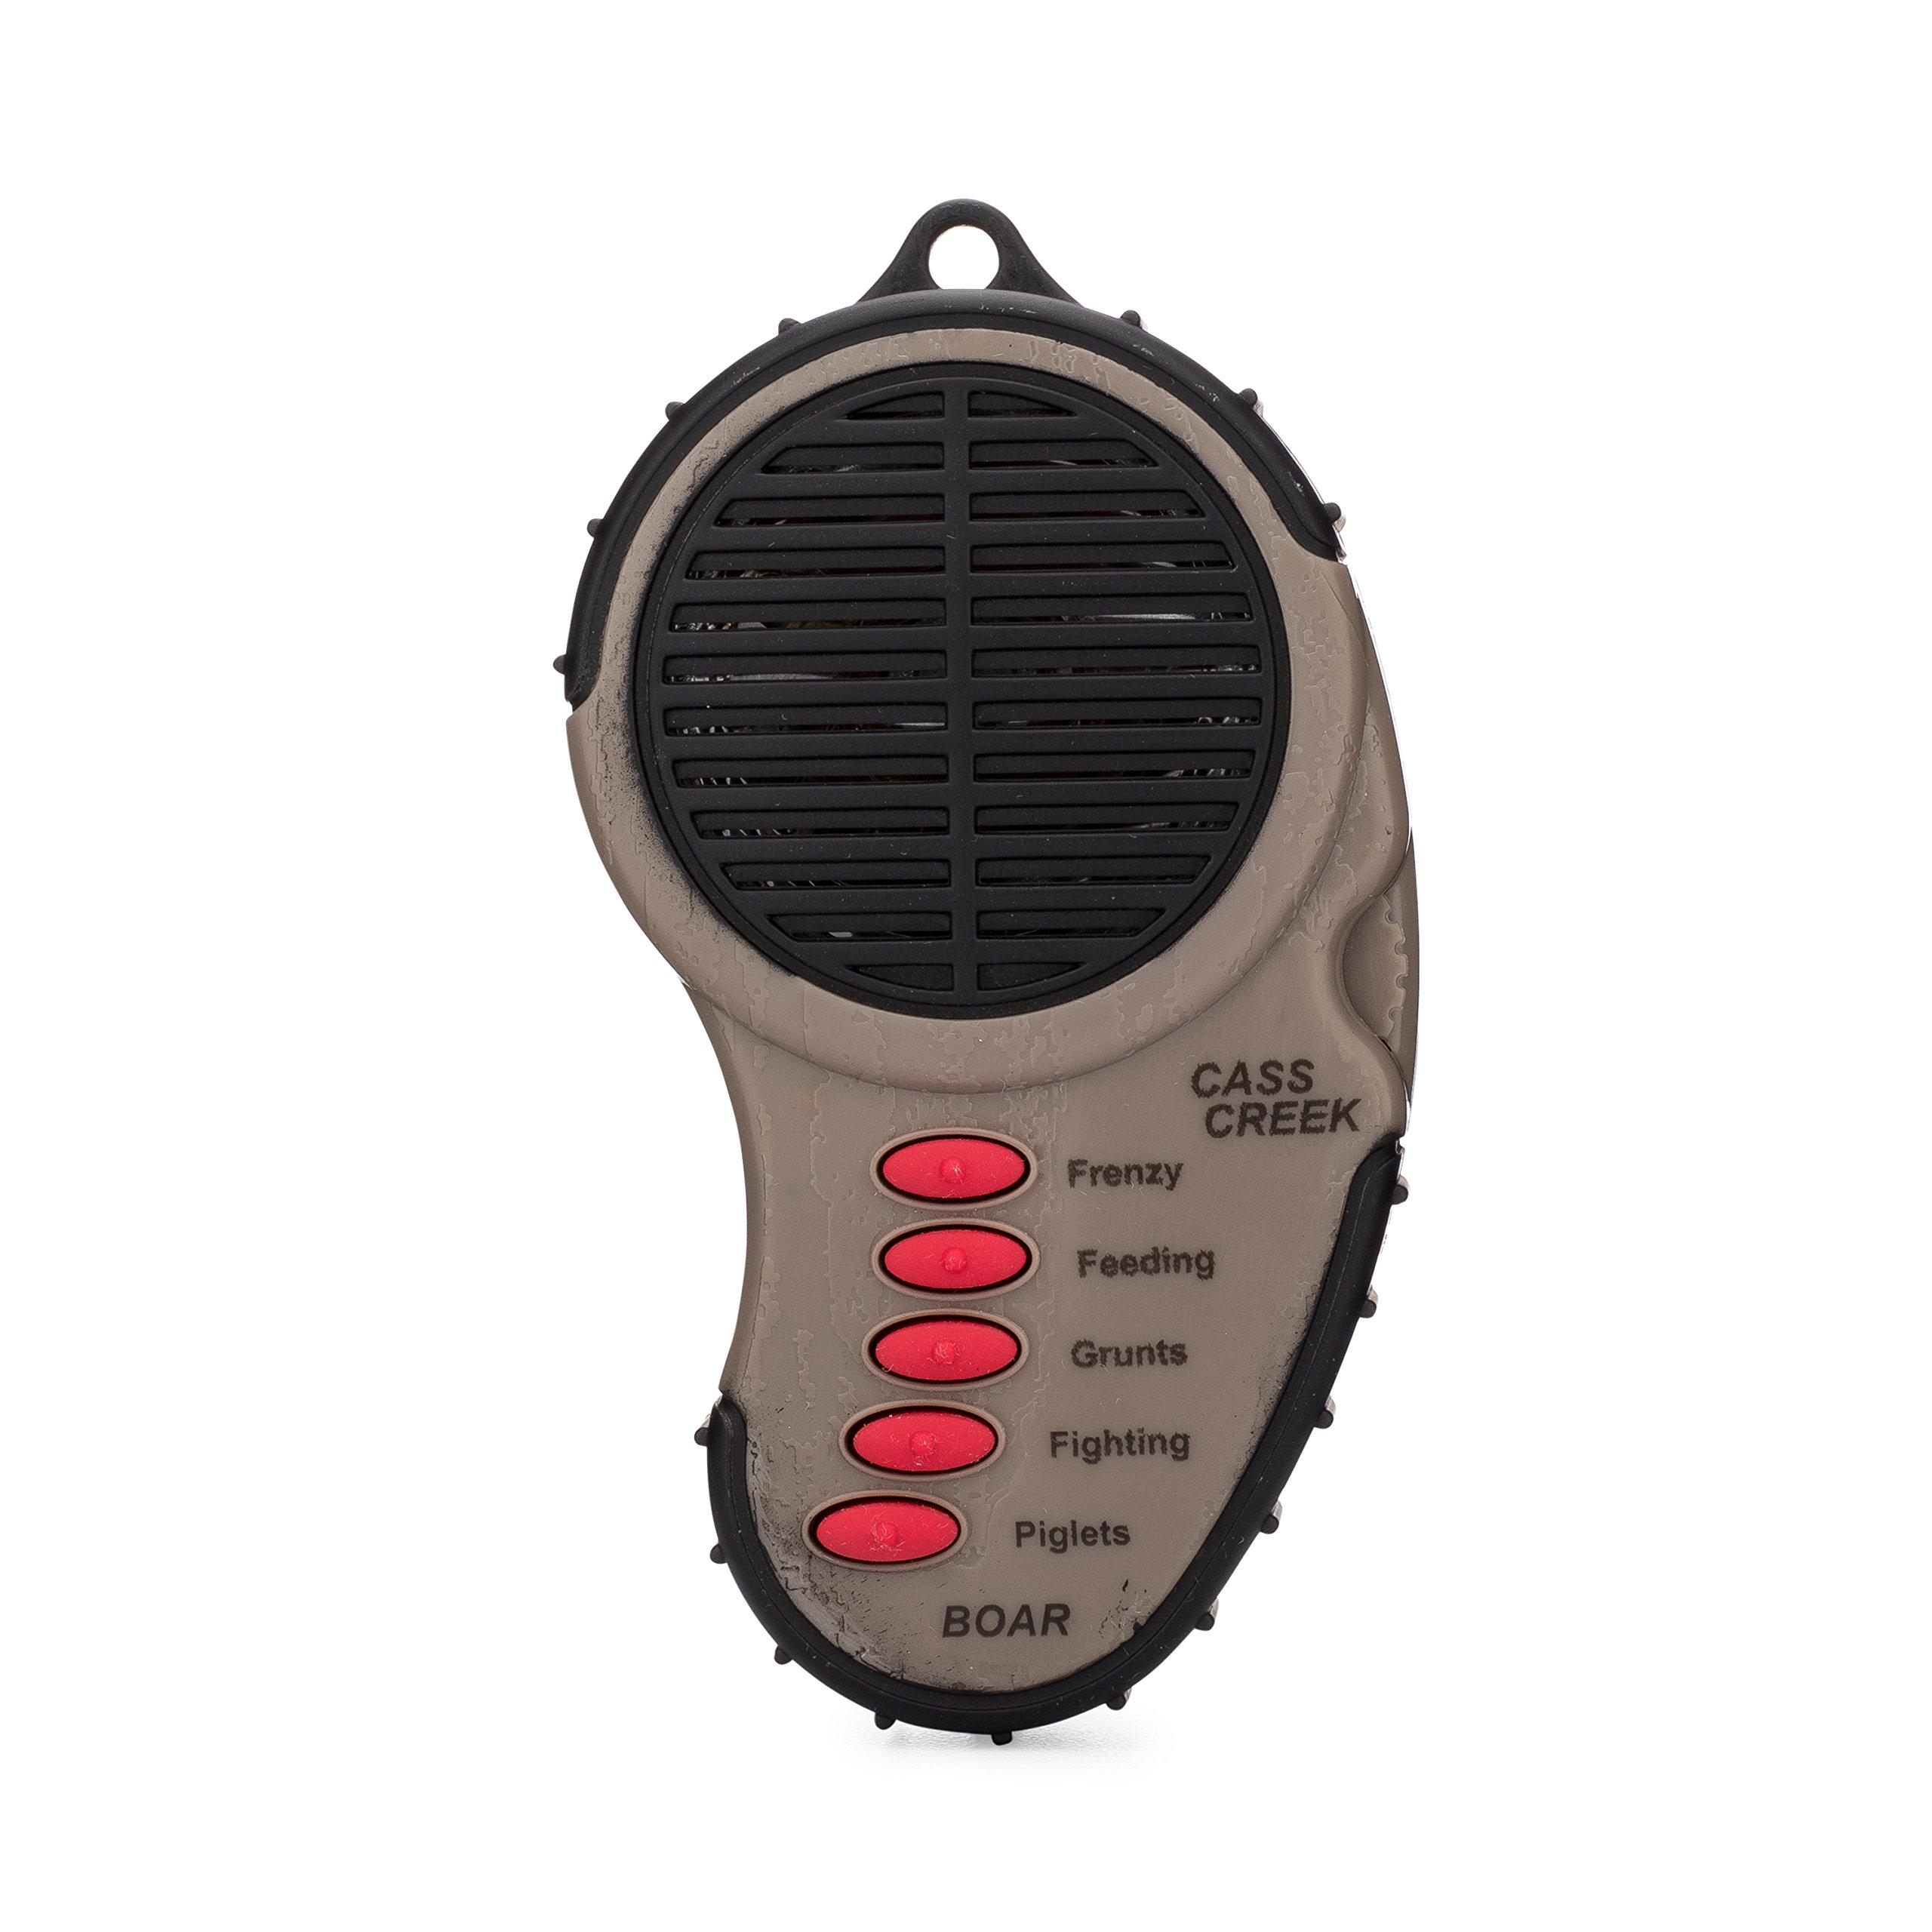 Cass Creek - Ergo Call - Boar Call - CC034 - Handheld Electronic Game Call - Hog Call